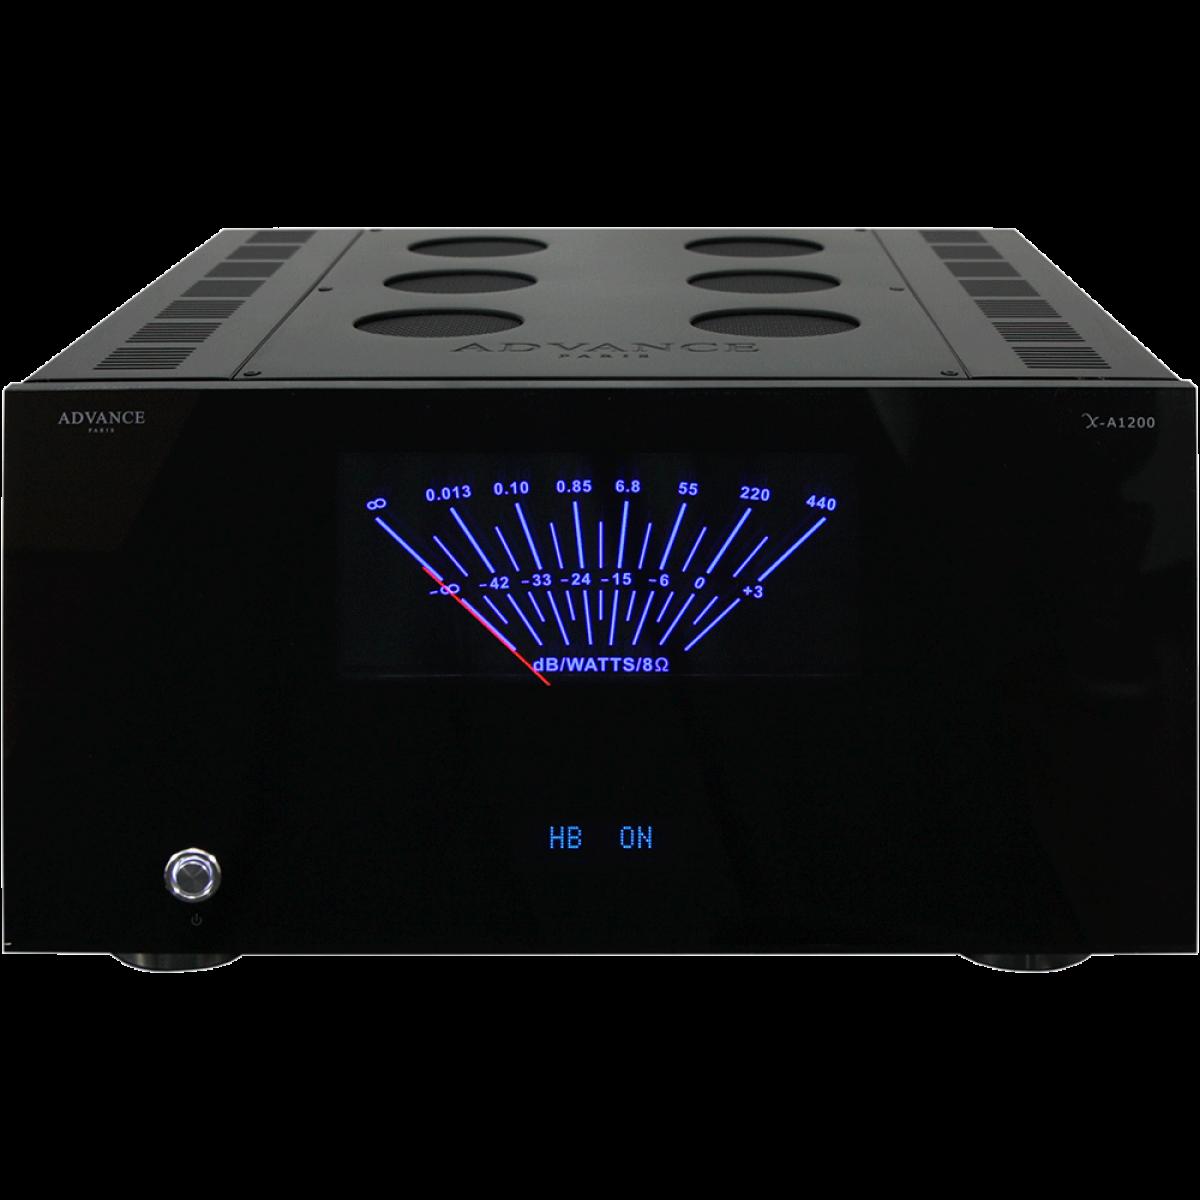 Advance Ampli de puissance Mono X-A1200